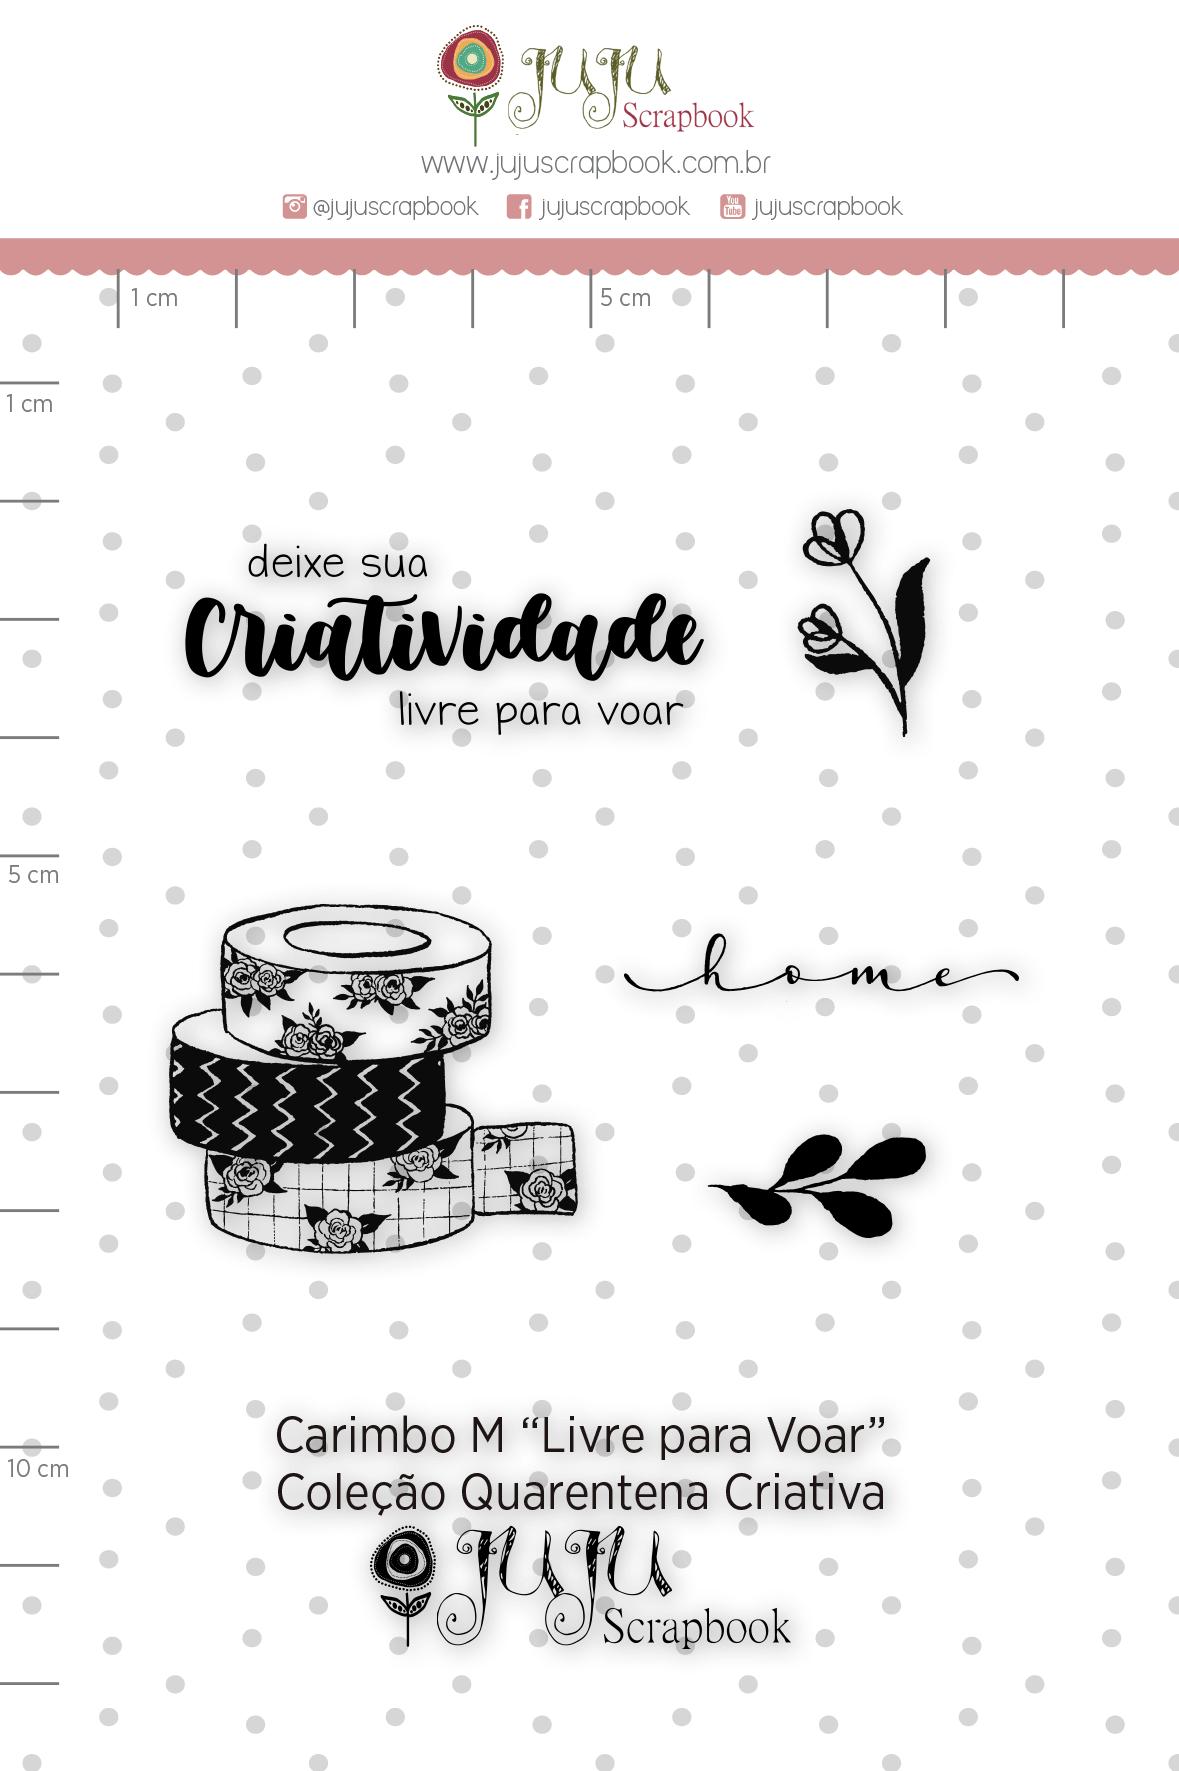 Carimbo M Livre para Voar - Coleção Quarentena Criativa - Juju Scrapbook  - JuJu Scrapbook